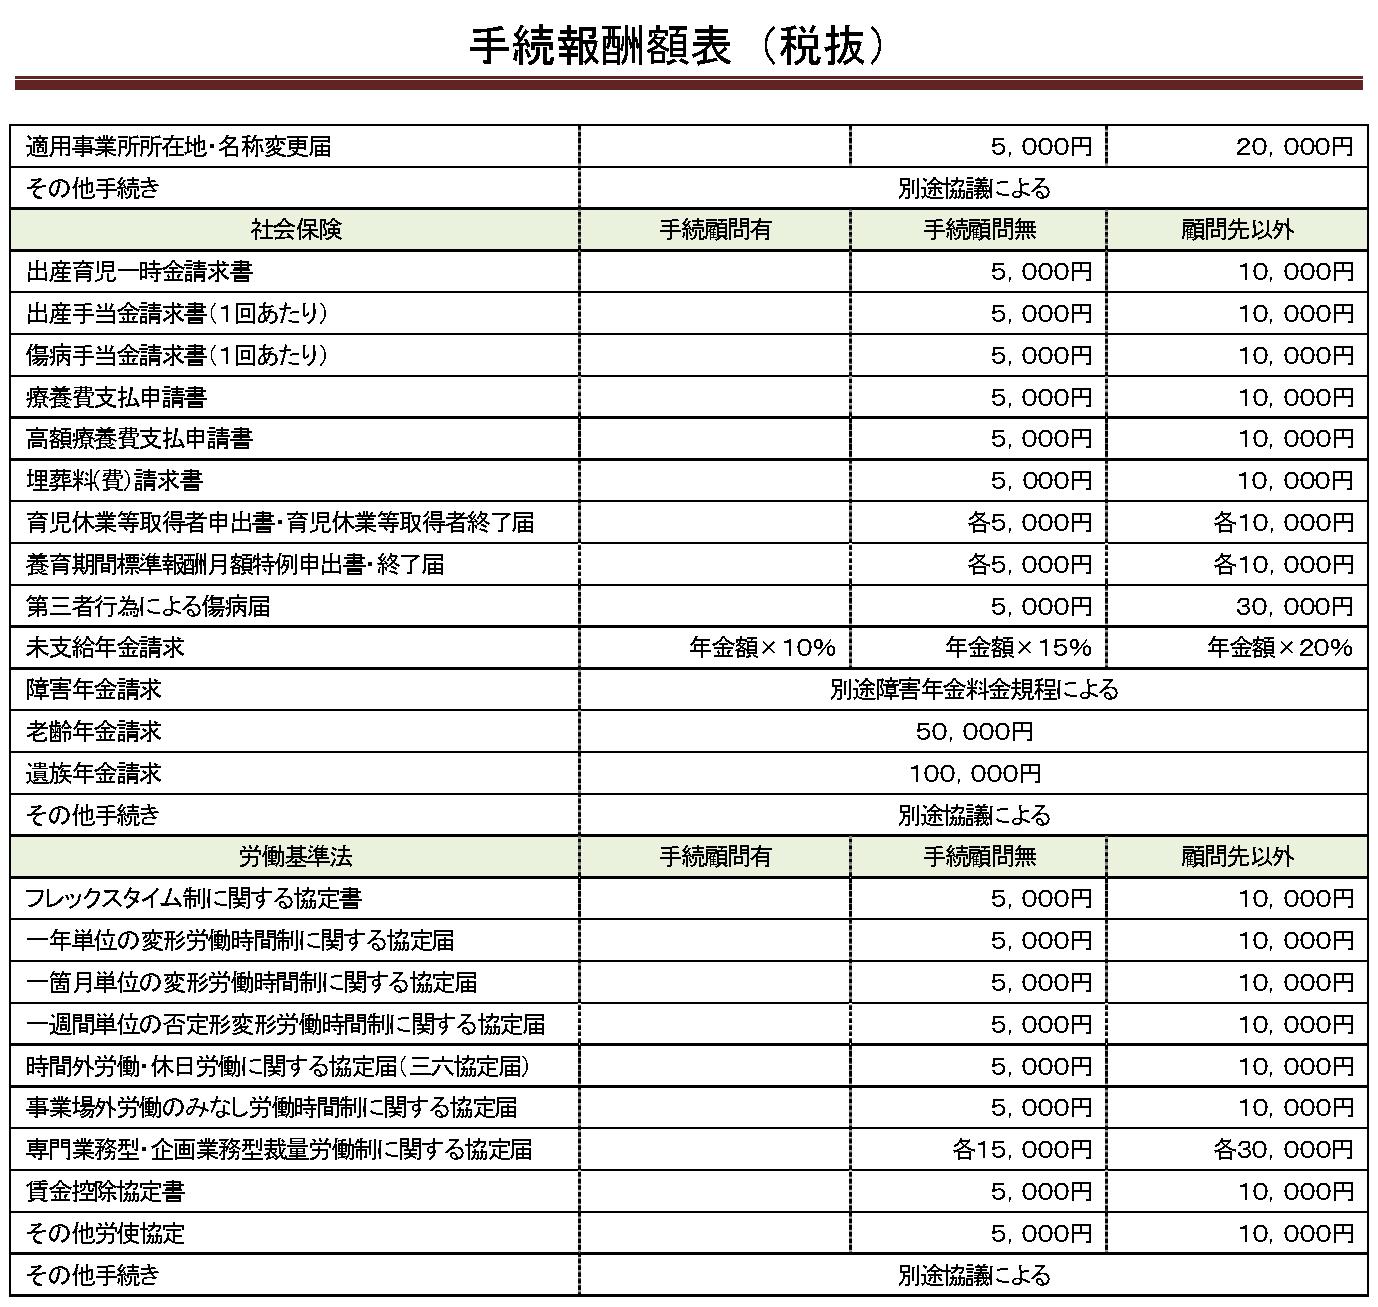 手続報酬額表_ページ_2